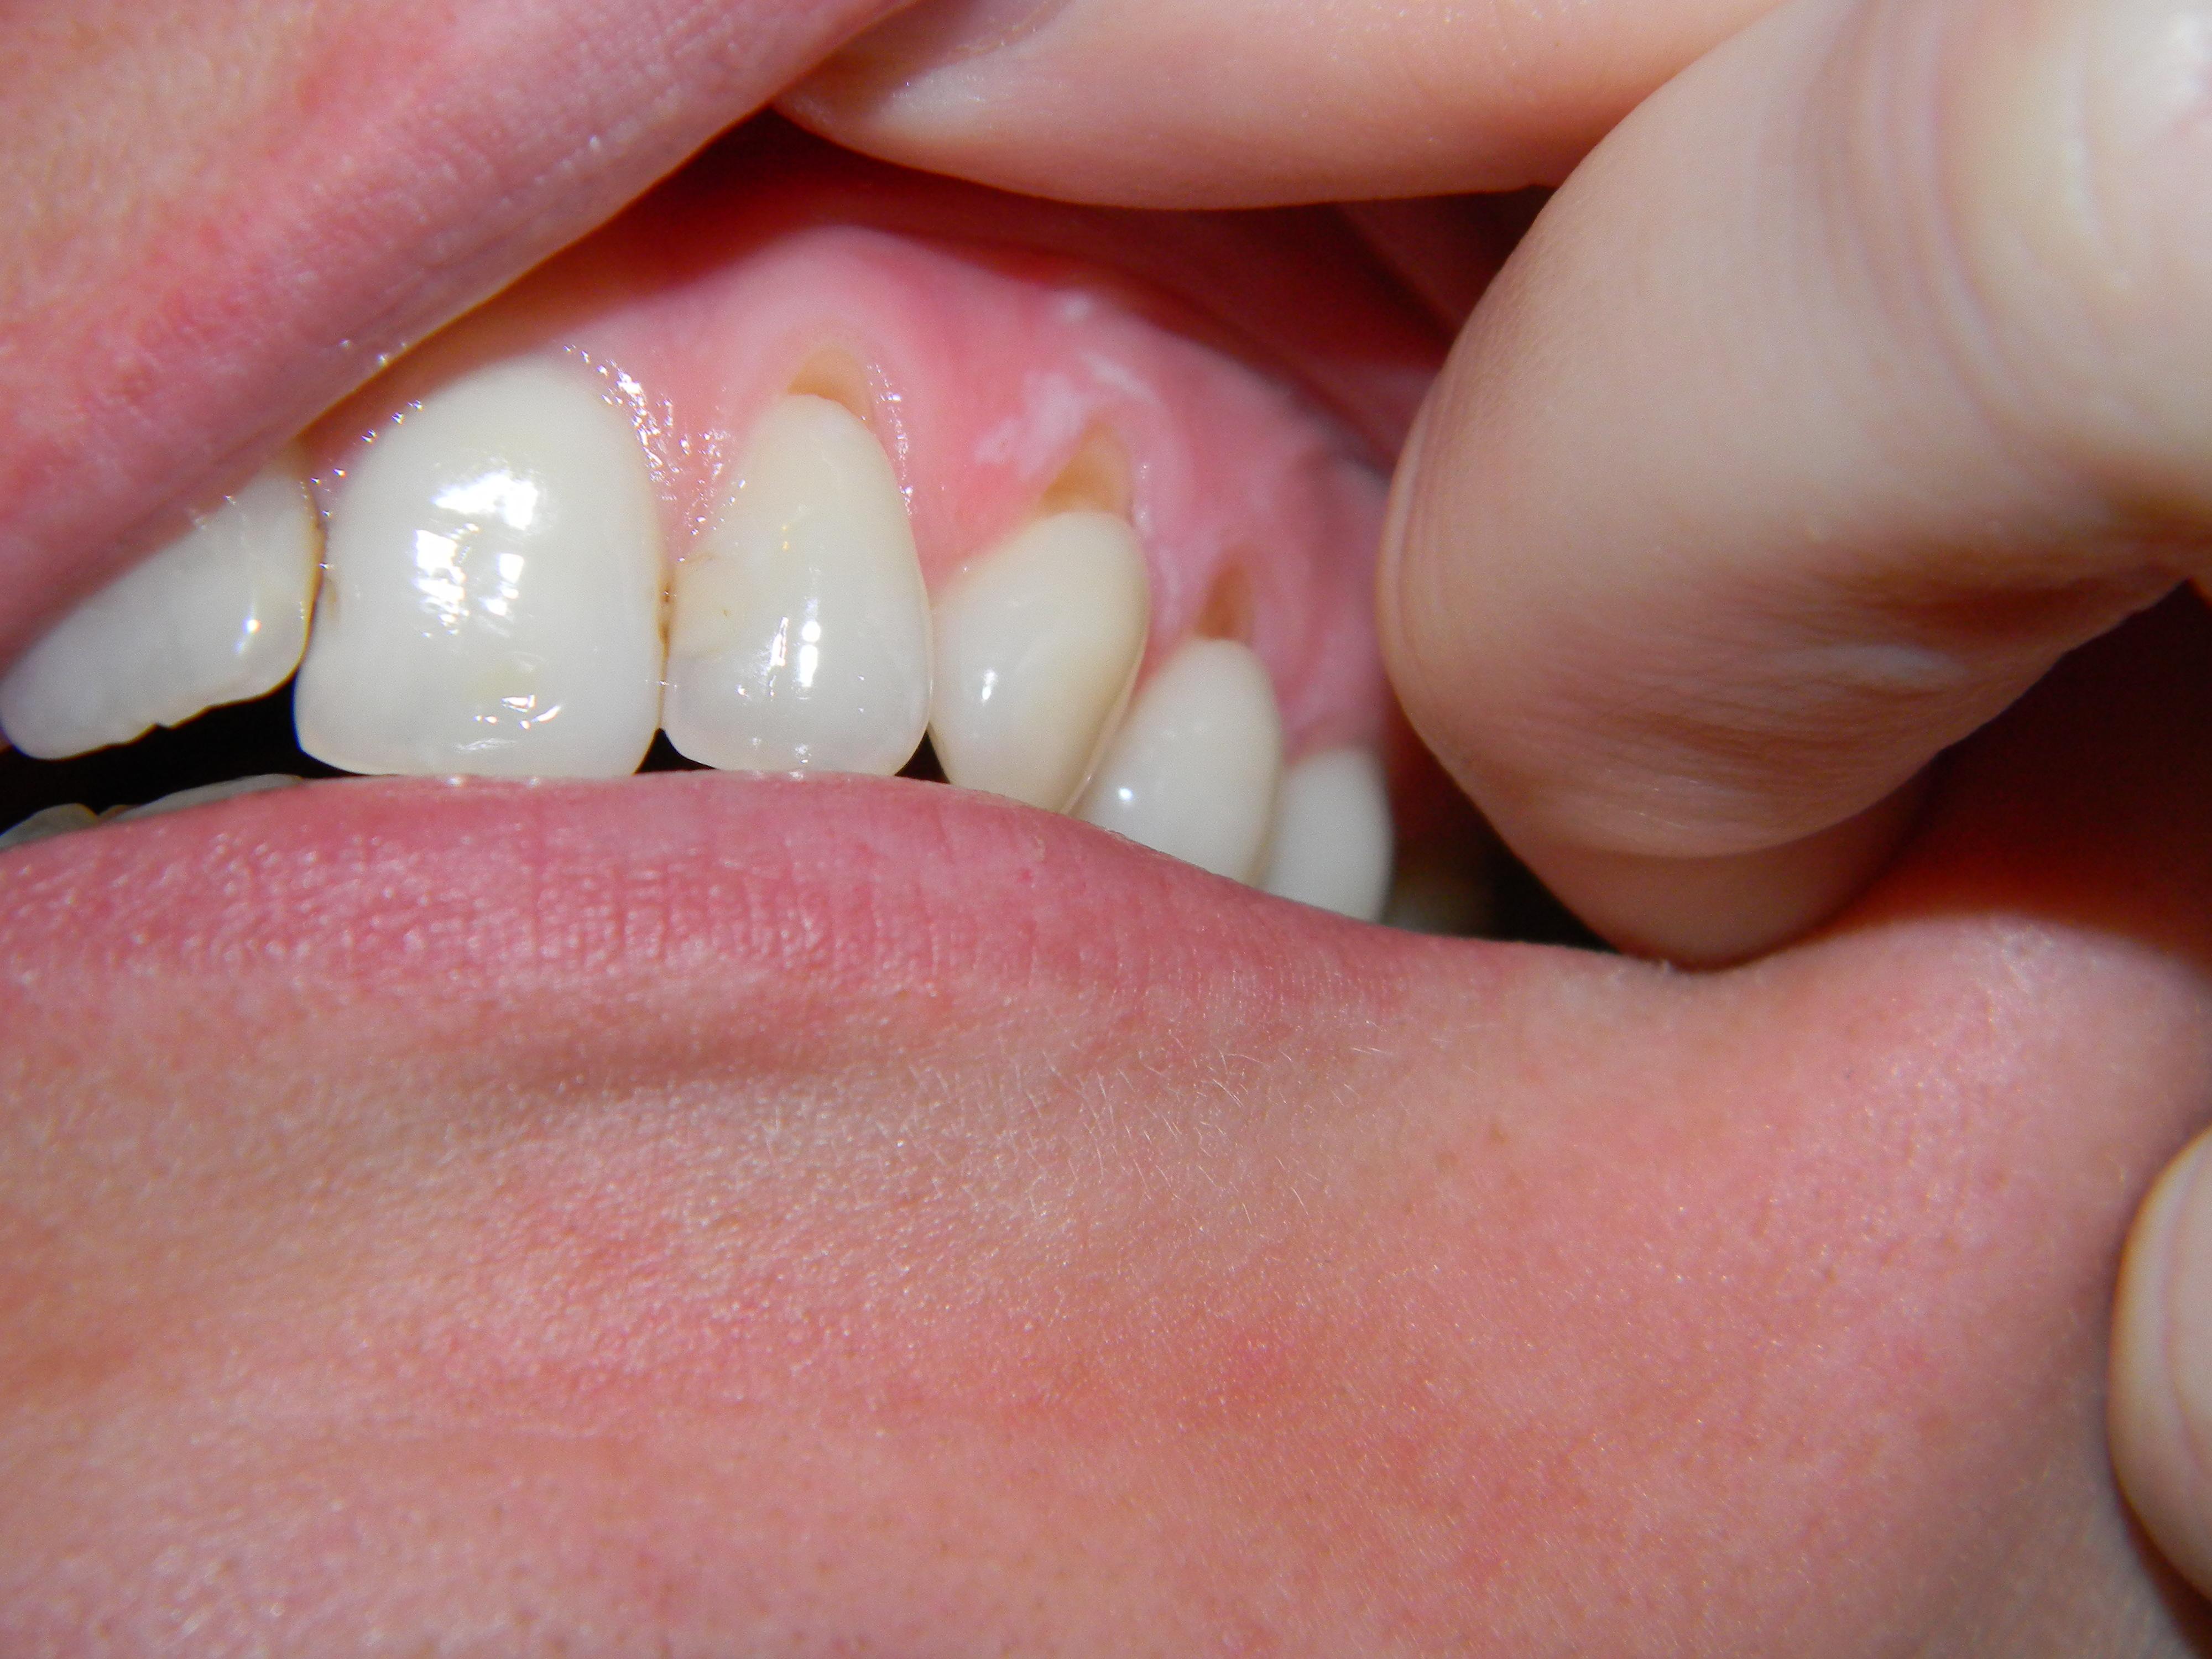 Seguito alla domanda: La mia situazione dentale è complessa e vorrei il Vostro parere